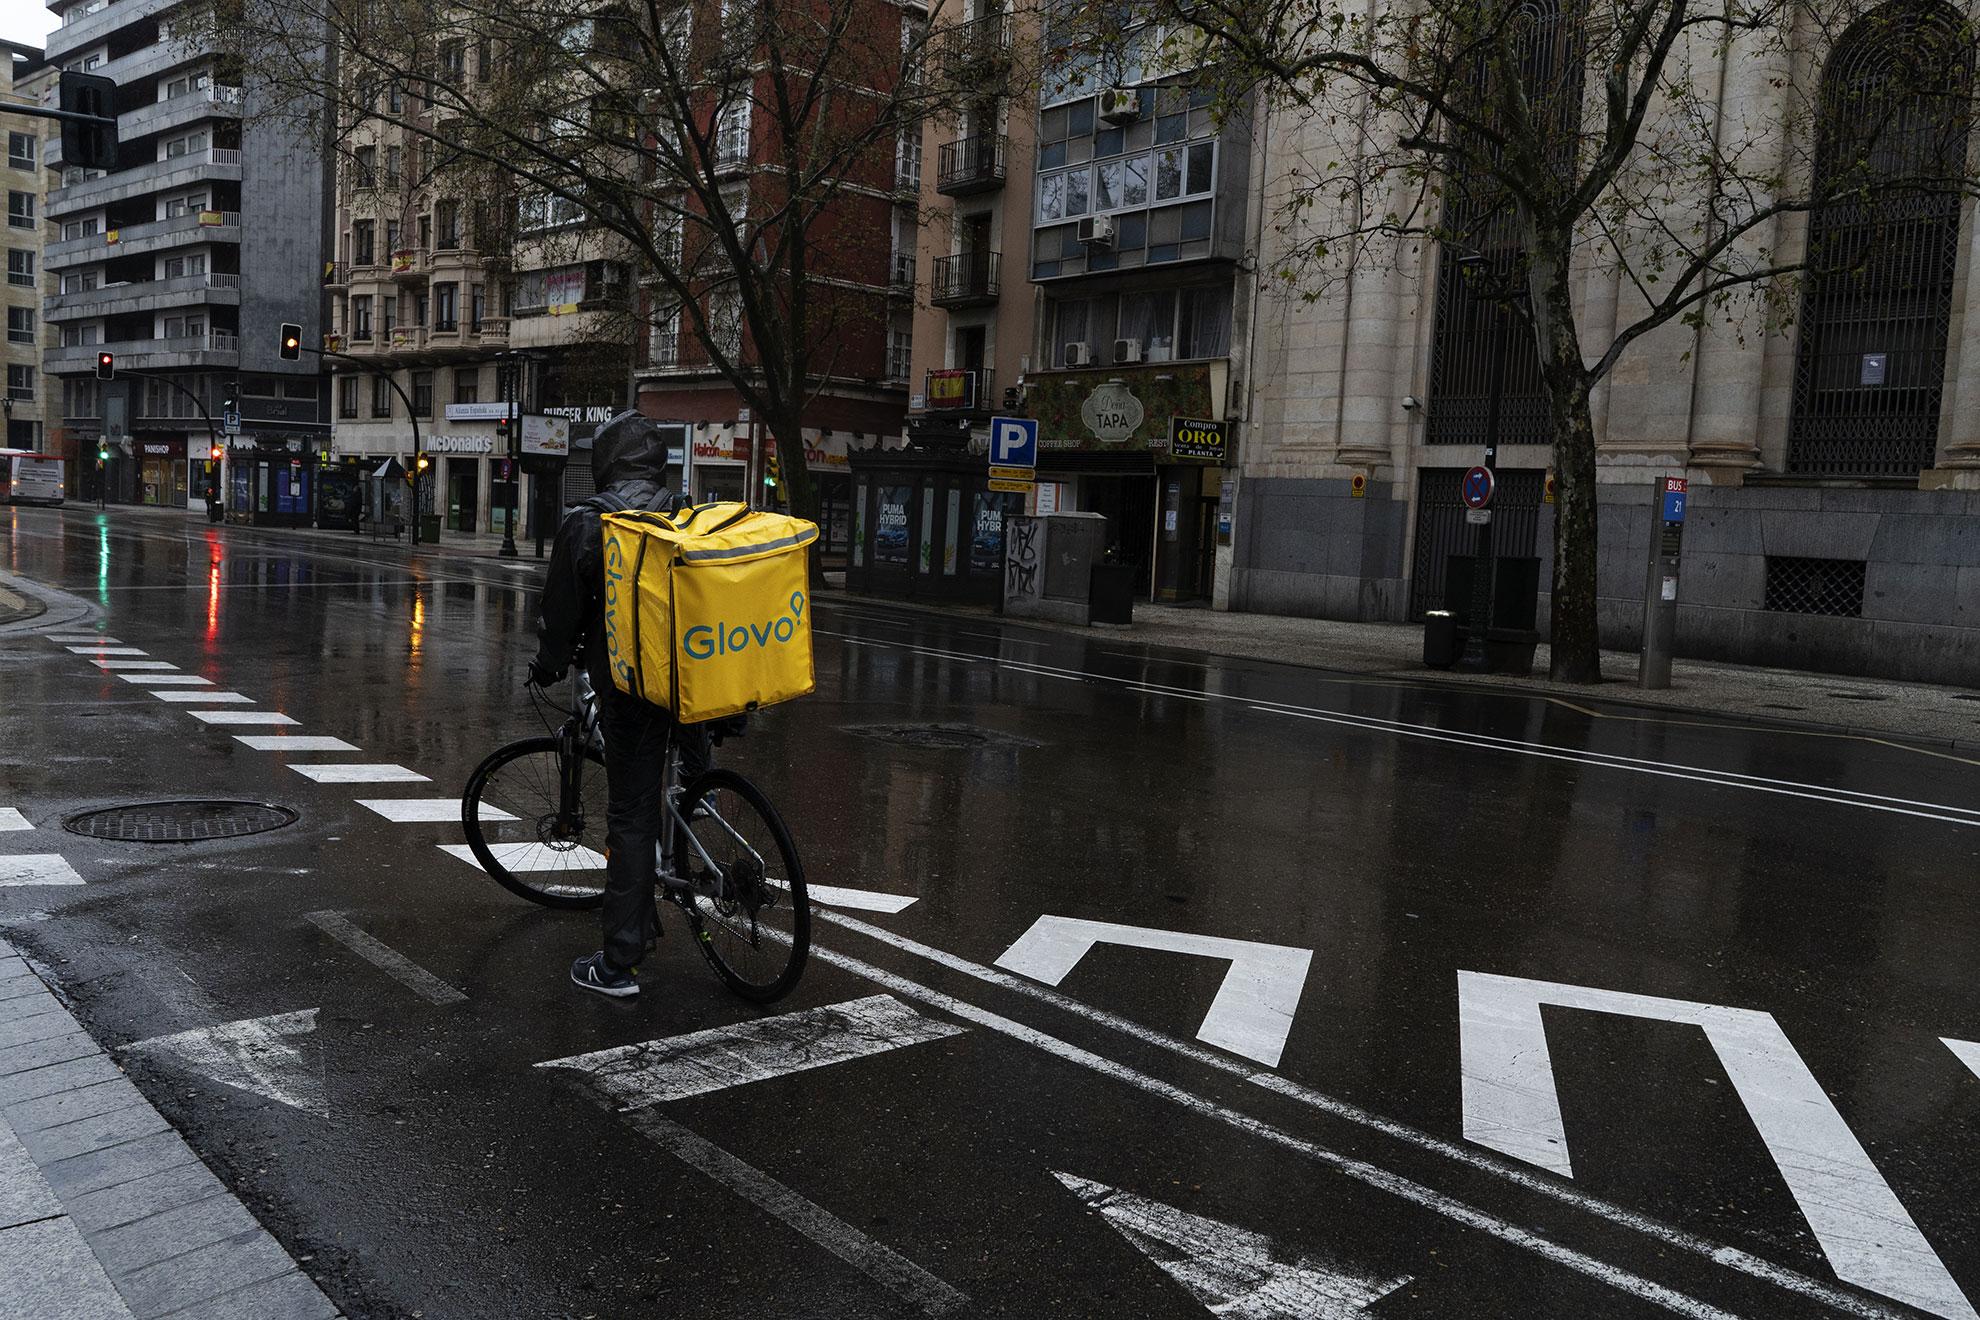 Repartidor de Glovo trabajando en las calles vacías del centro de Zaragoza.